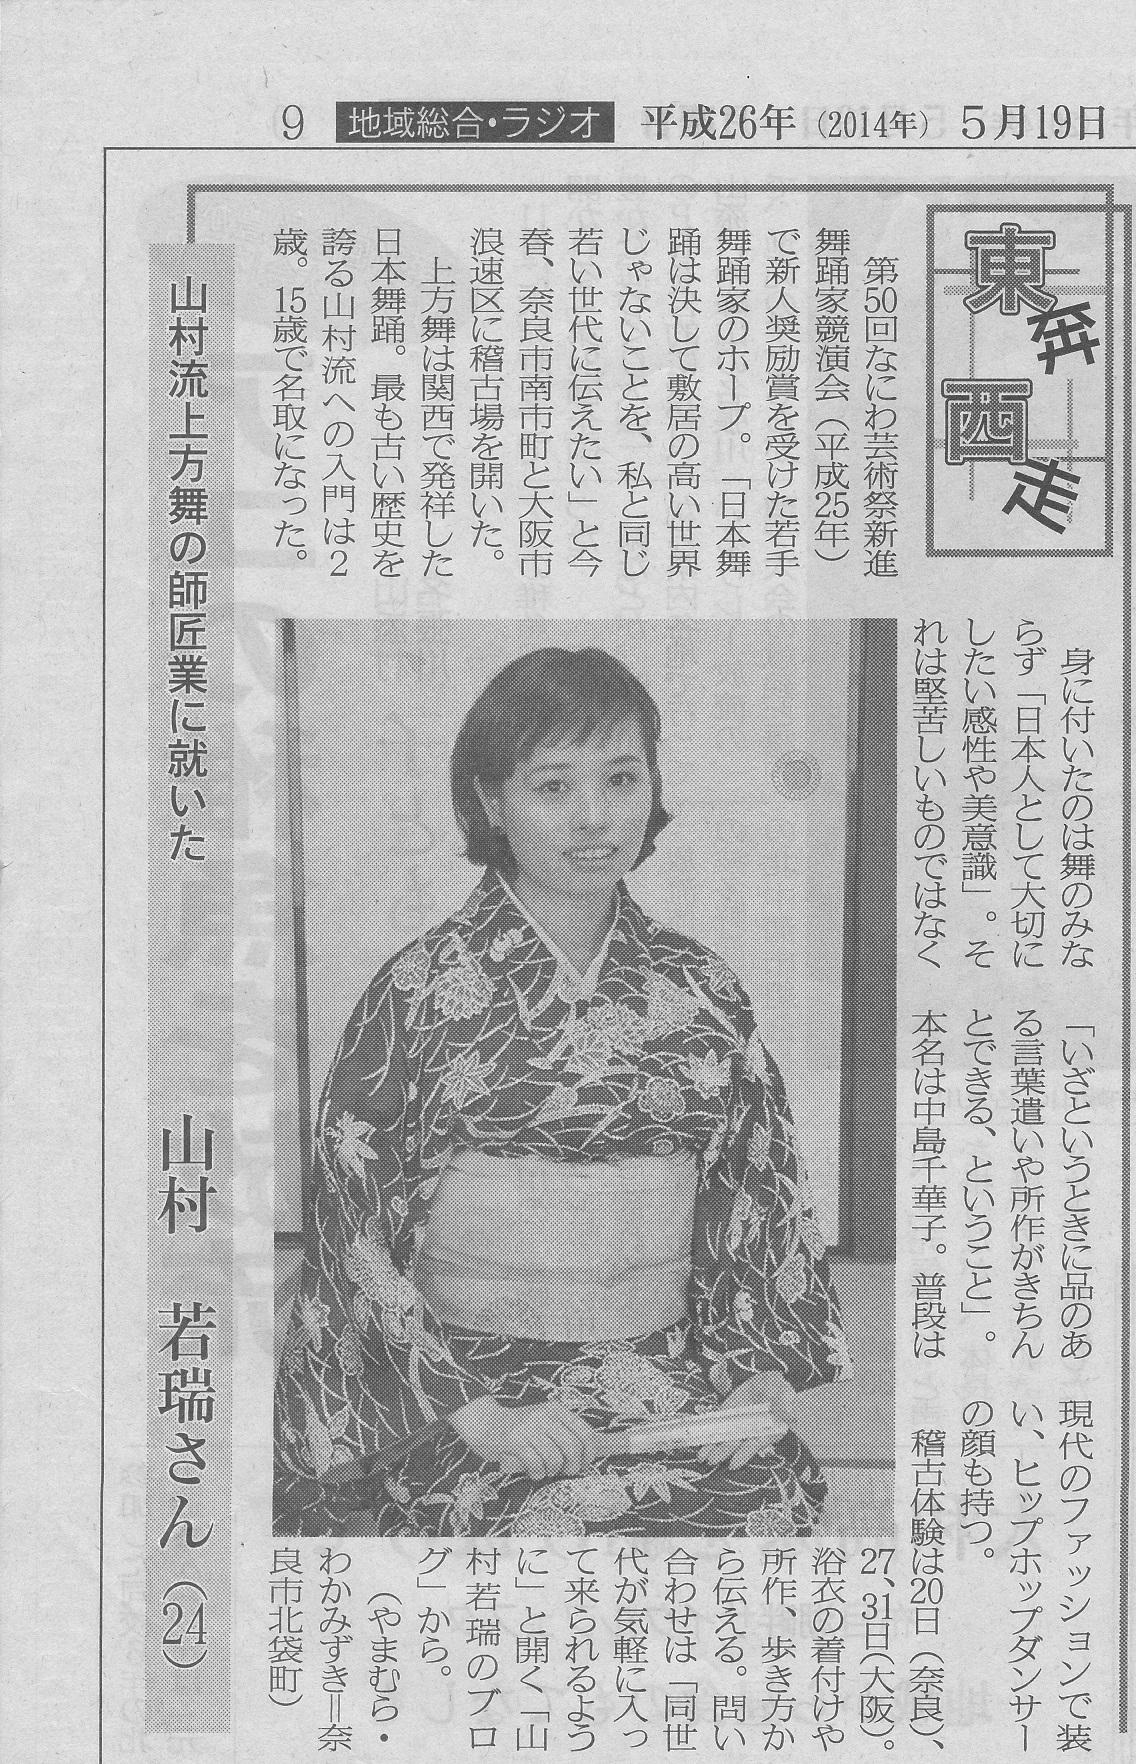 奈良新聞掲載・2014・5・19(若瑞)